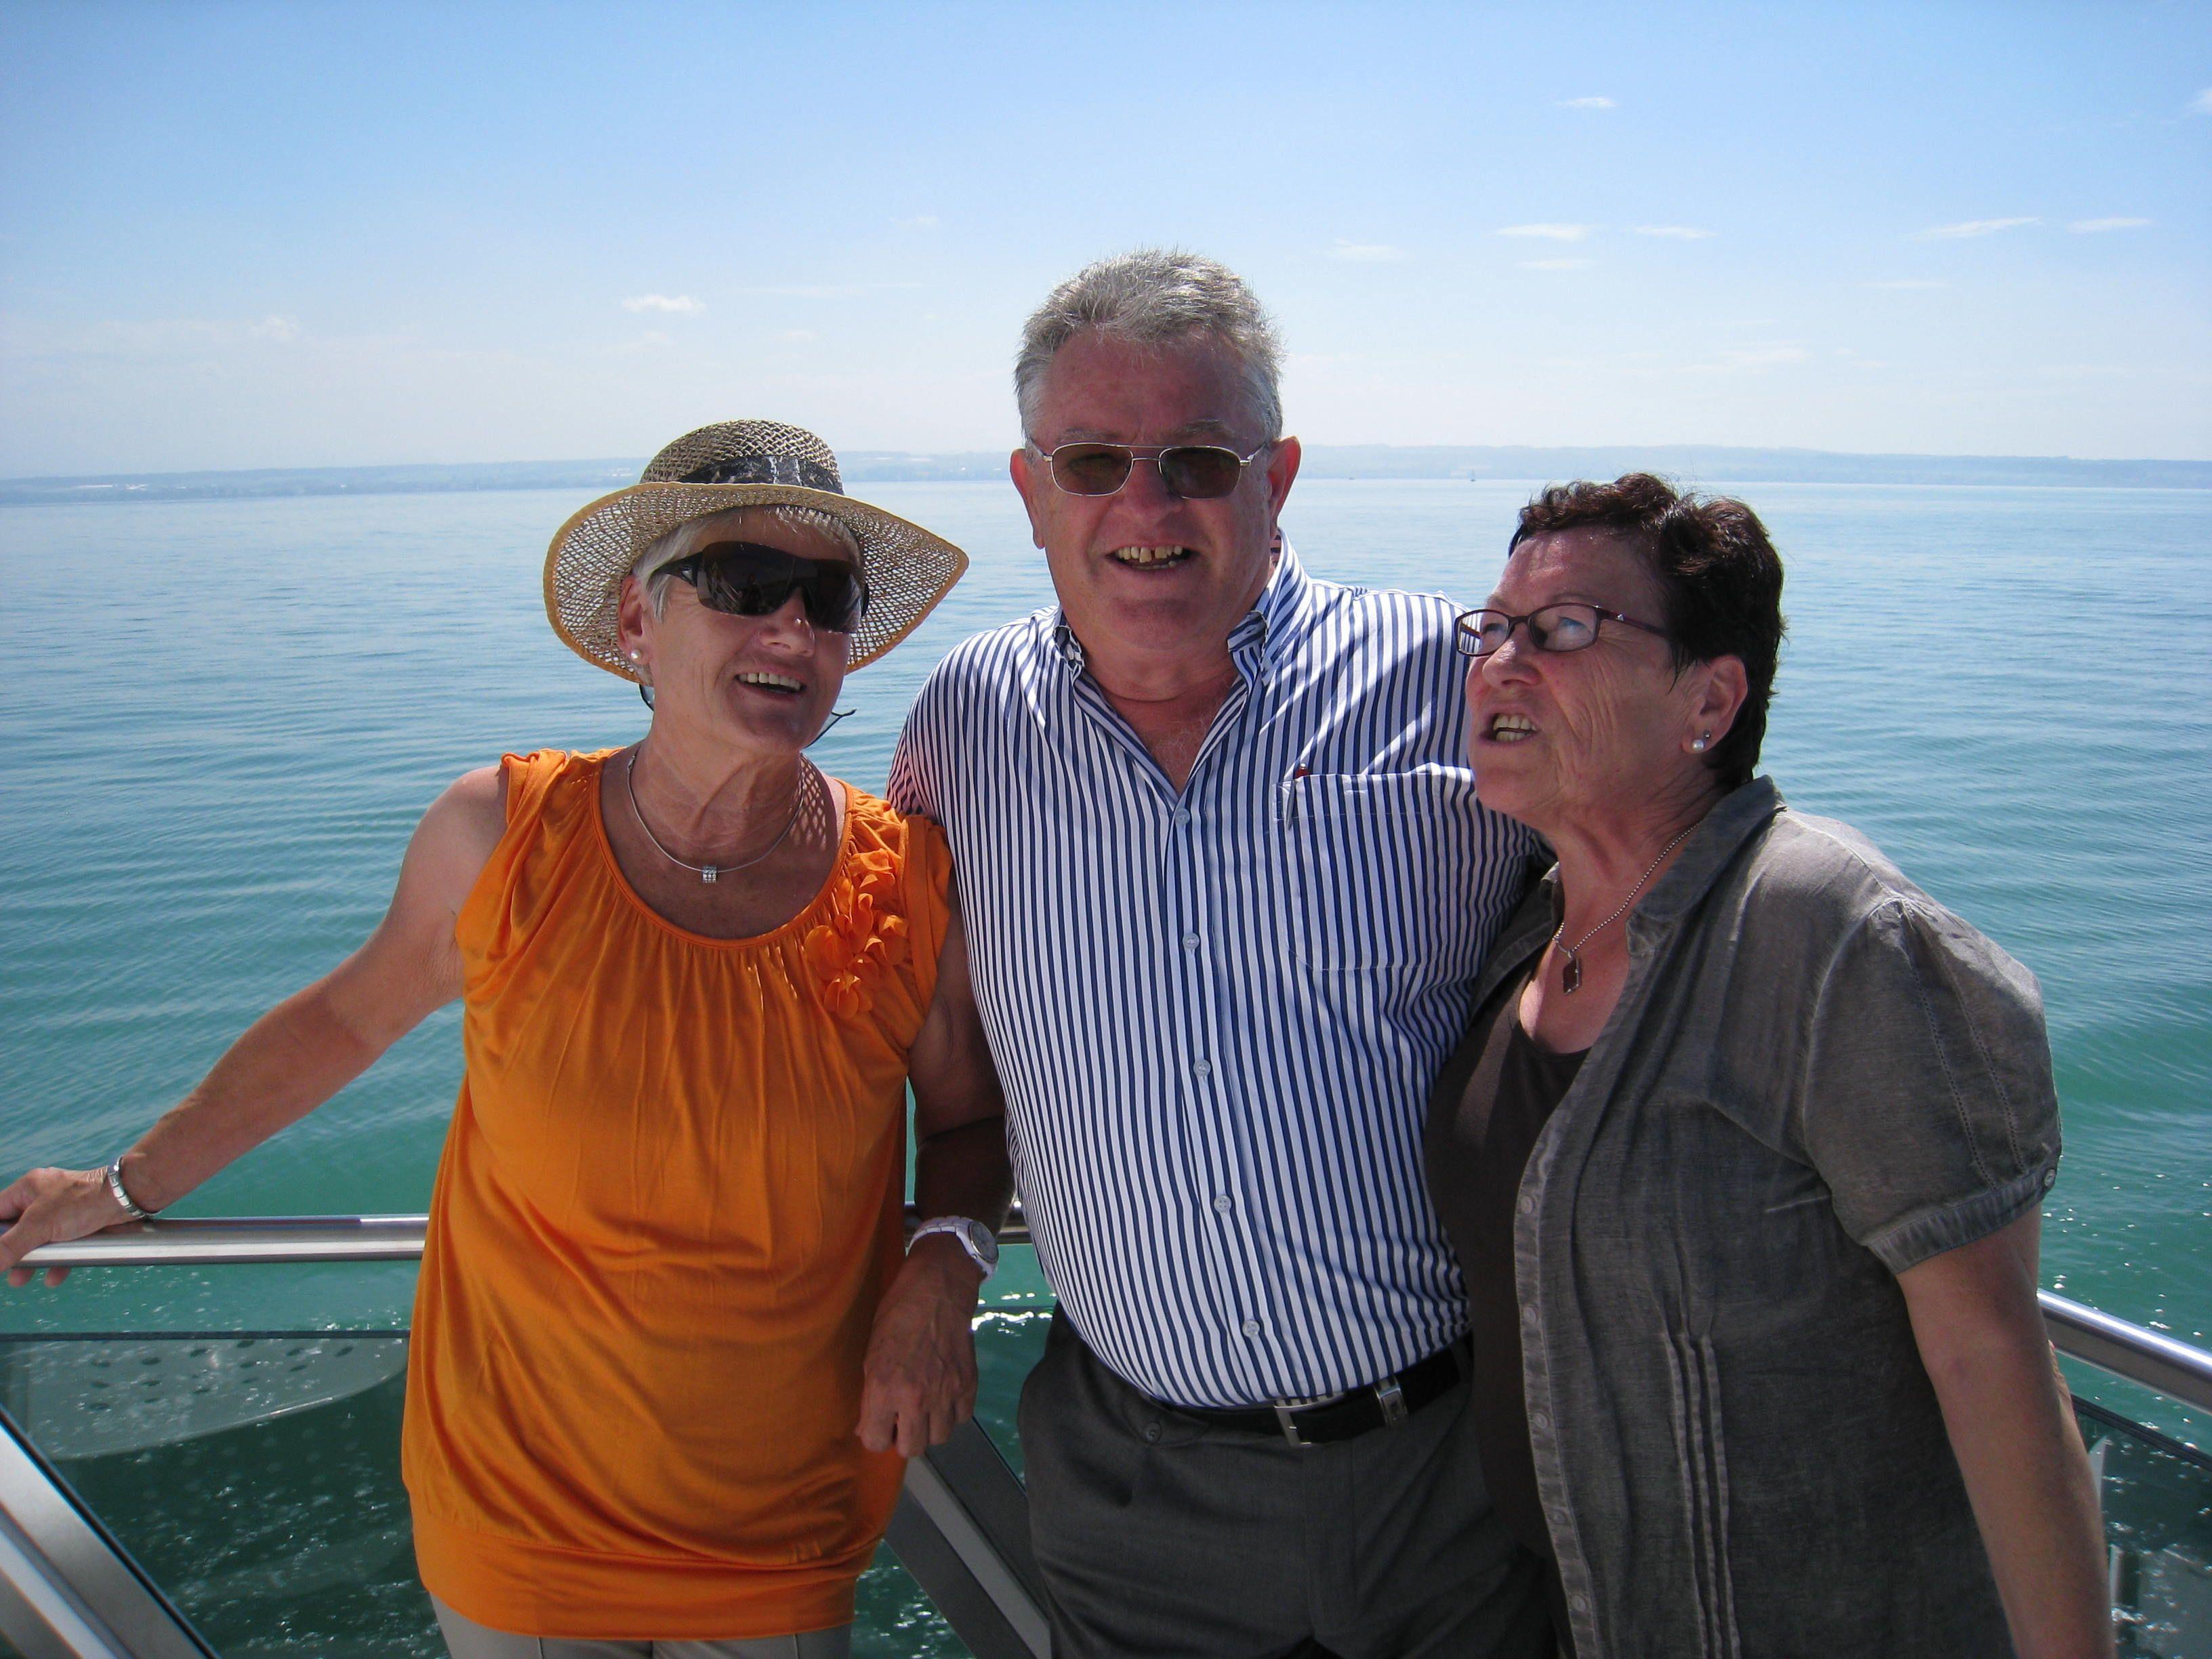 PVÖ-Bodenseeausfahrt: Gute Laune herrscht beim Pensionistenverband Vorarlberg